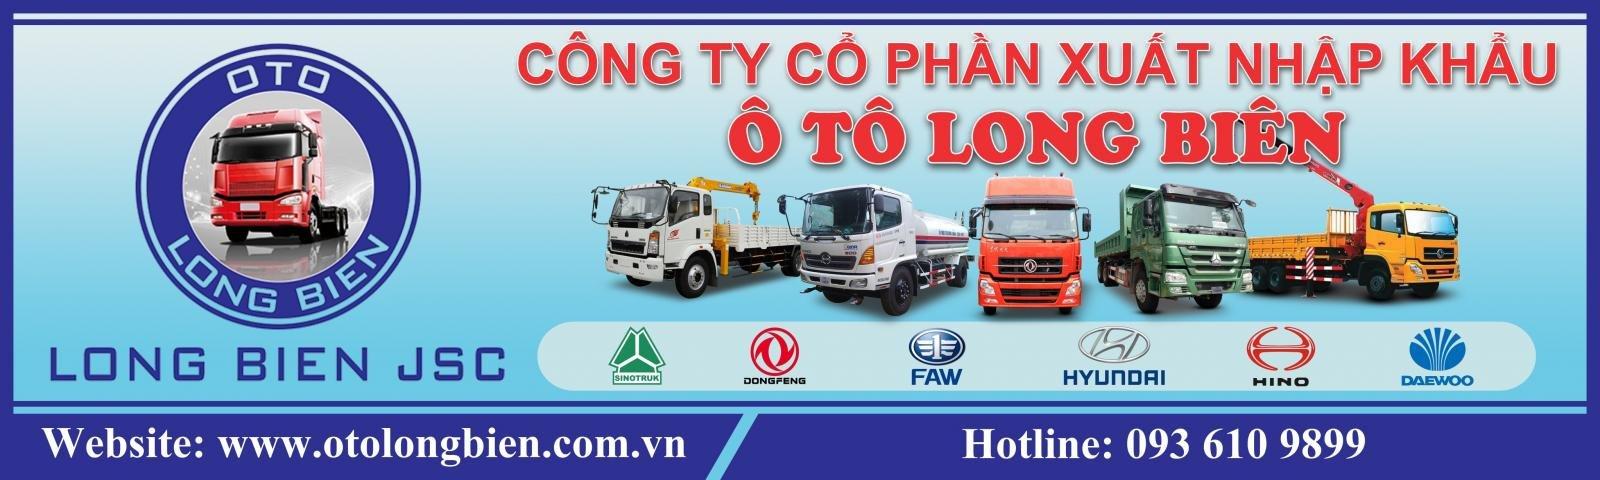 Hoàng Huy Auto (1)